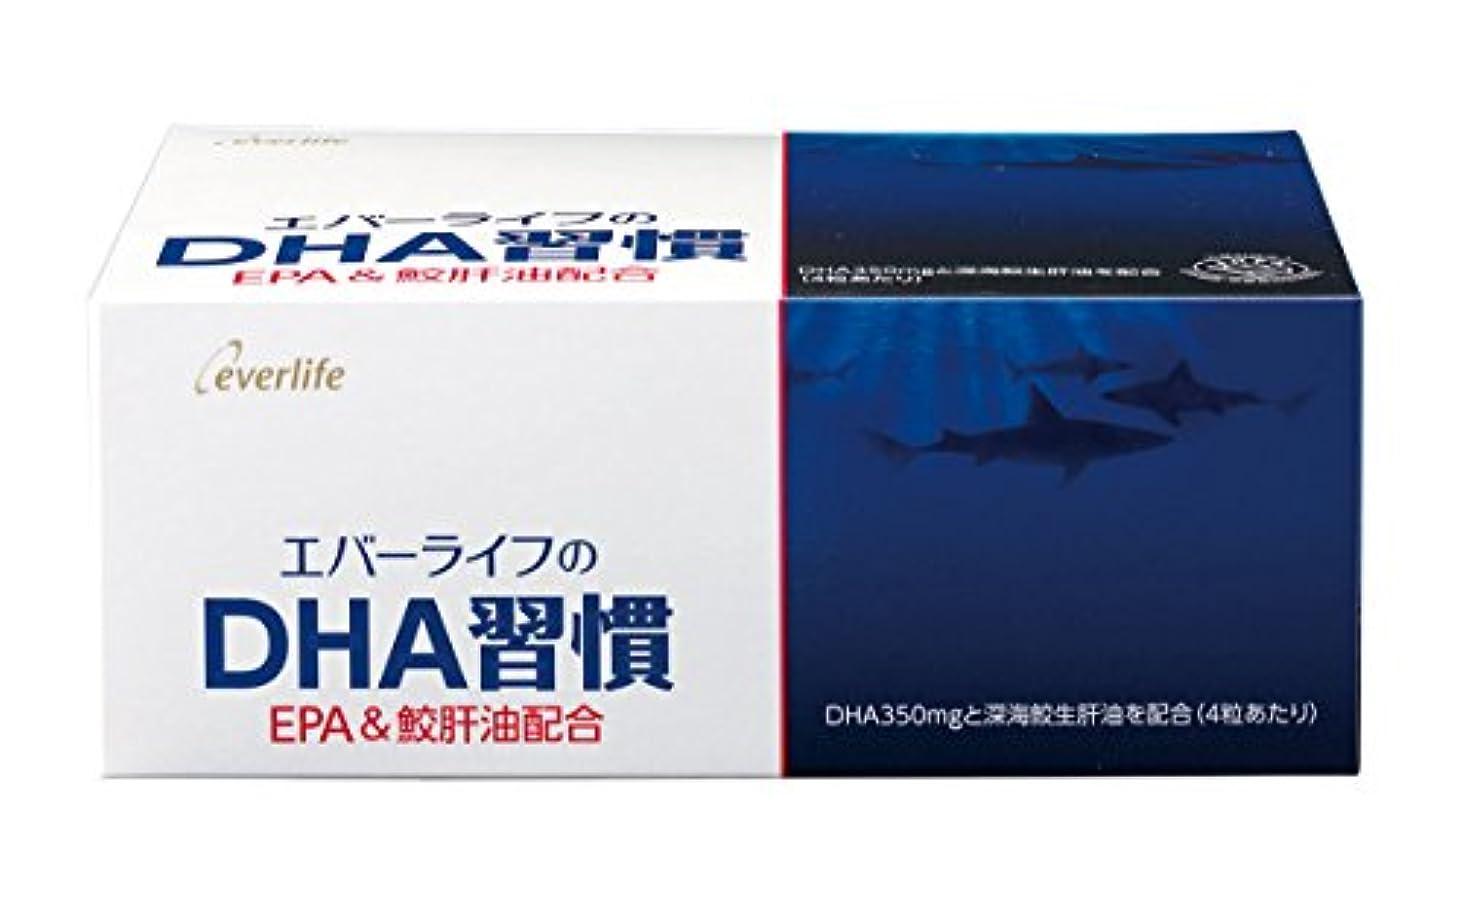 一月パフ稚魚エバーライフ DHA習慣 120粒 (約1か月分)